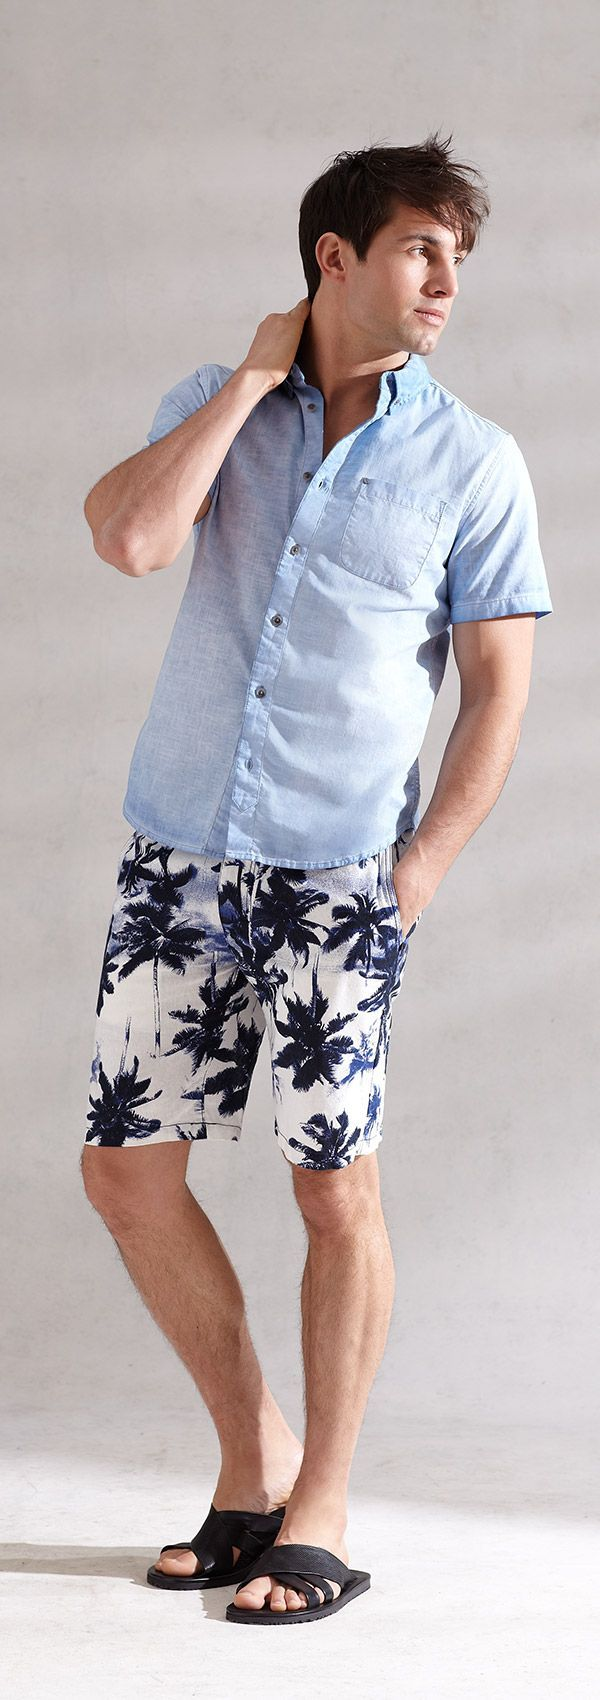 Comprar ropa de este look: https://lookastic.es/moda-hombre/looks/camisa-de-manga-corta-de-cambray-celeste-pantalones-cortos-estampados-blancos-y-azul-marino-sandalias-de-cuero-negras/11613   — Camisa de Manga Corta de Cambray Celeste  — Pantalones Cortos Estampados Blancos y Azul Marino  — Sandalias de Cuero Negras